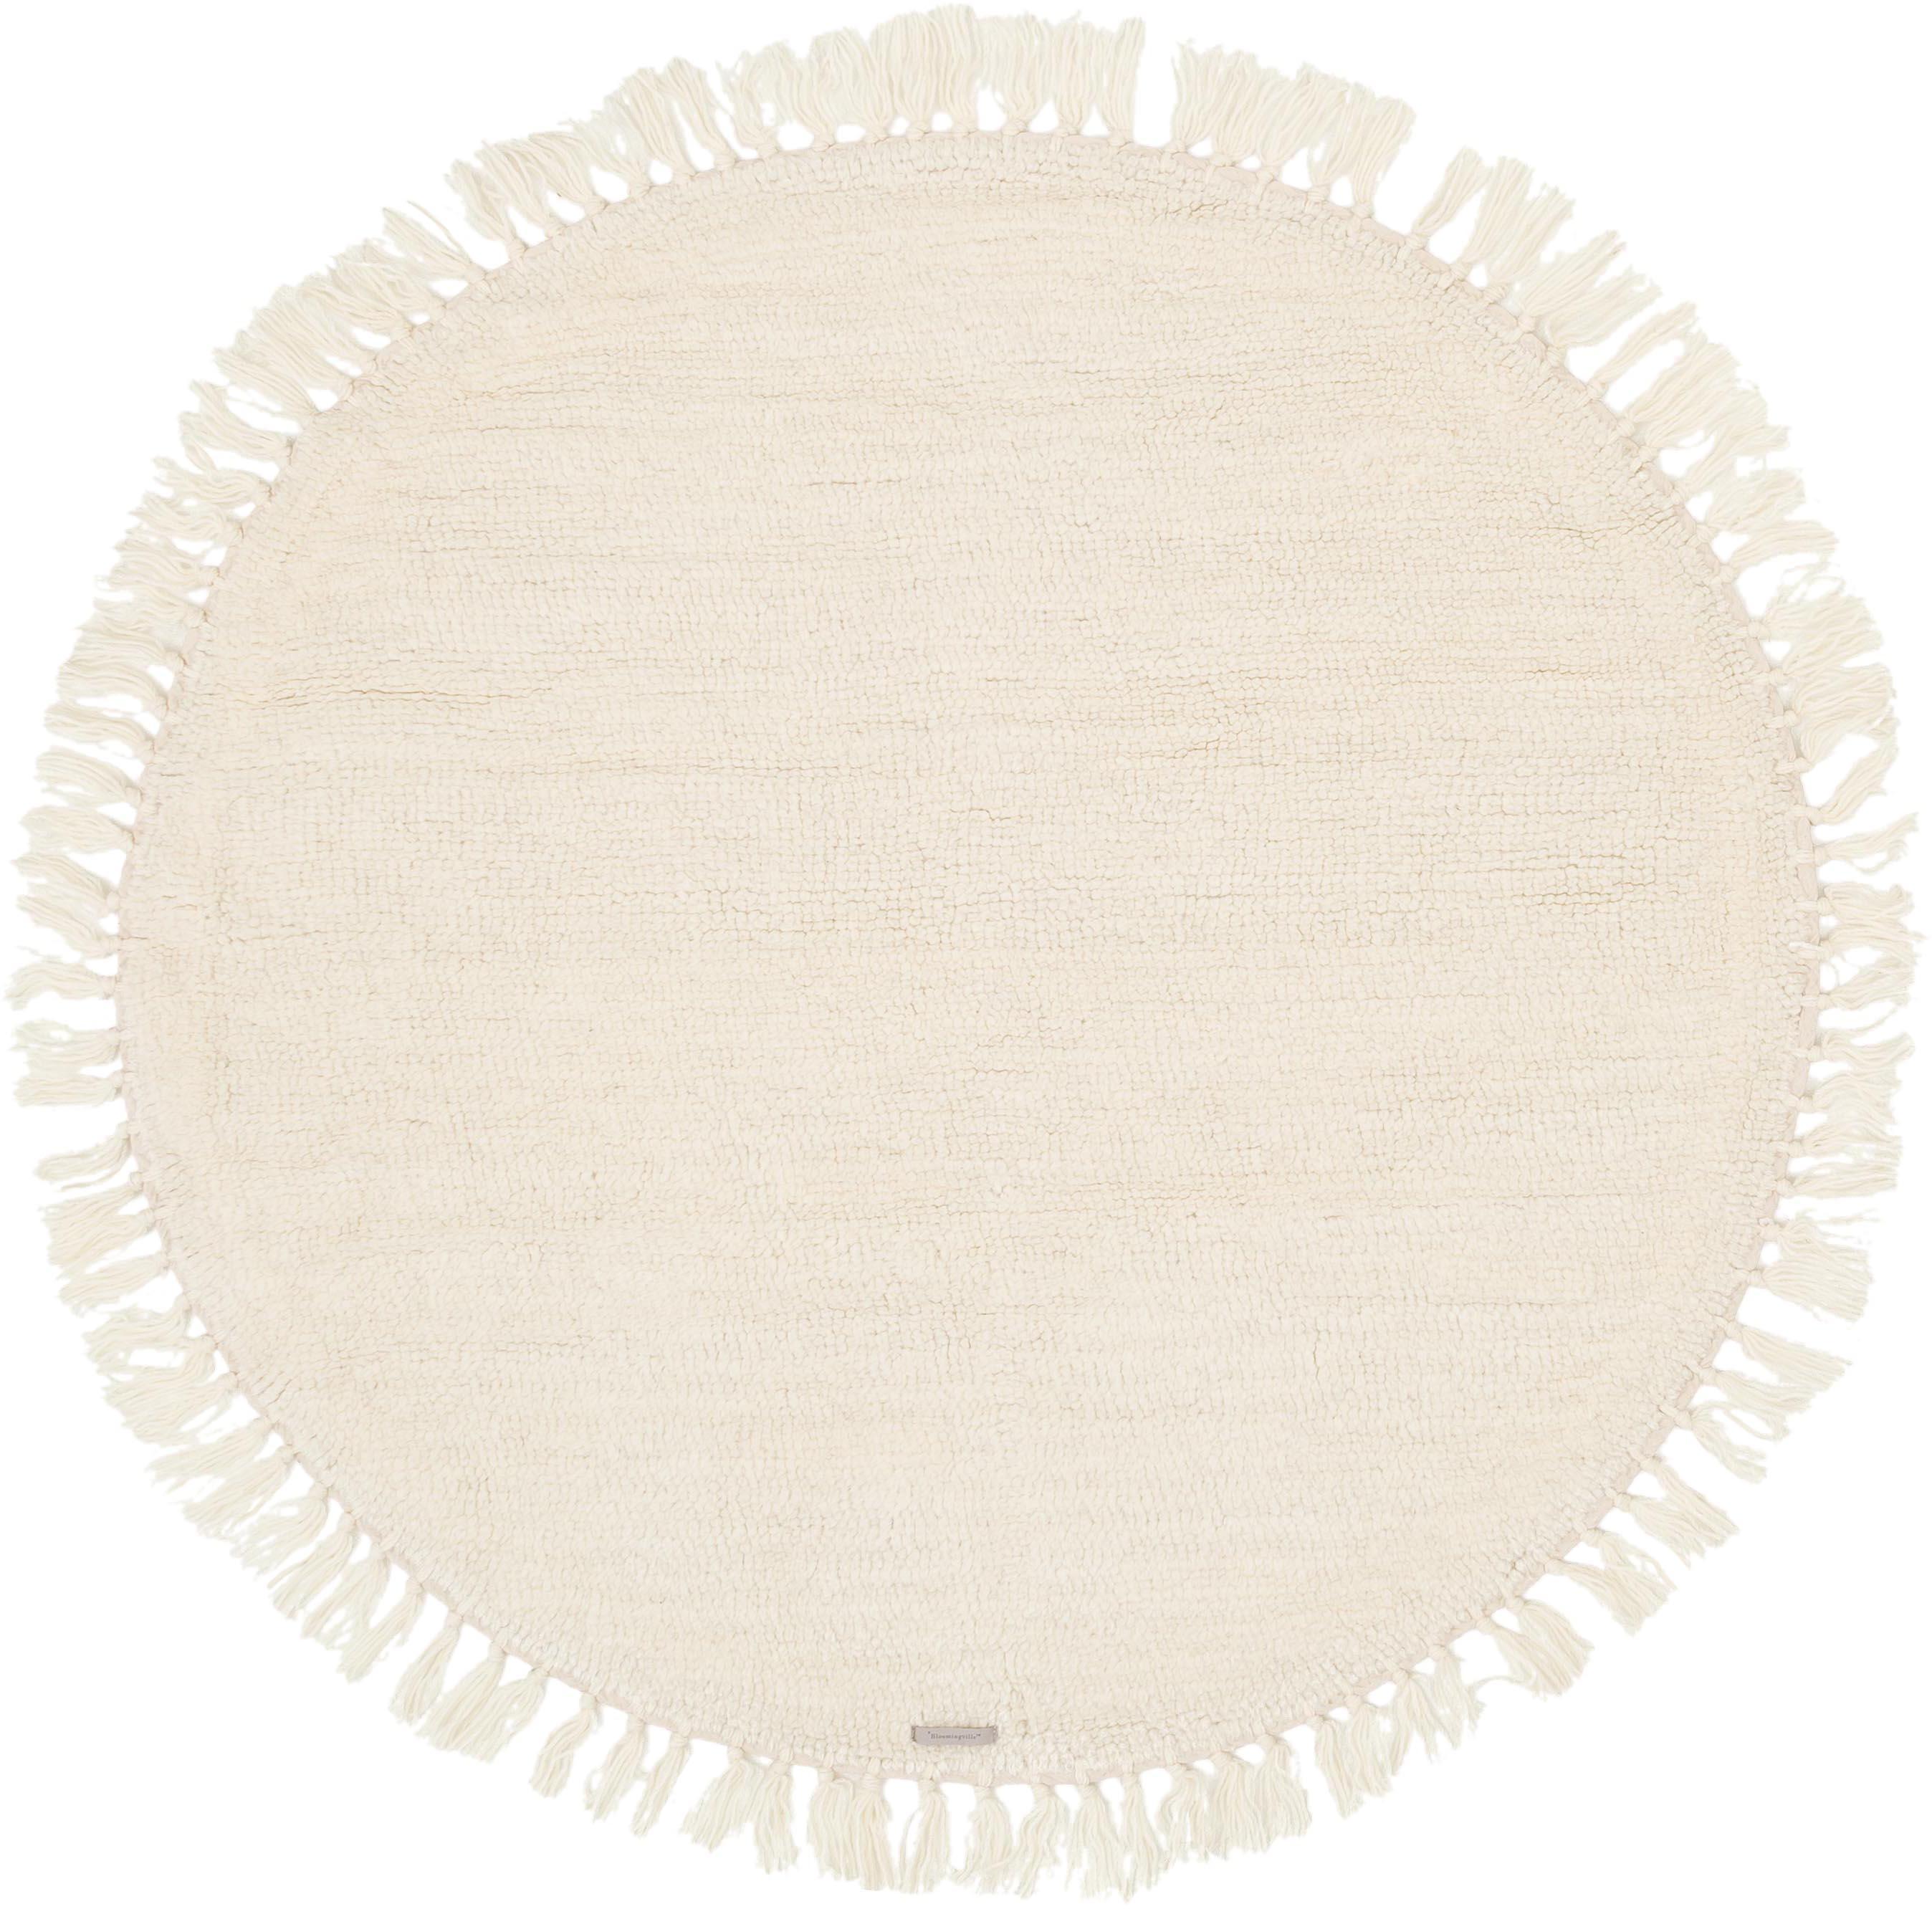 Runder Wollteppich Alma in Creme mit Fransen, Creme, Ø 126 cm (Größe M)